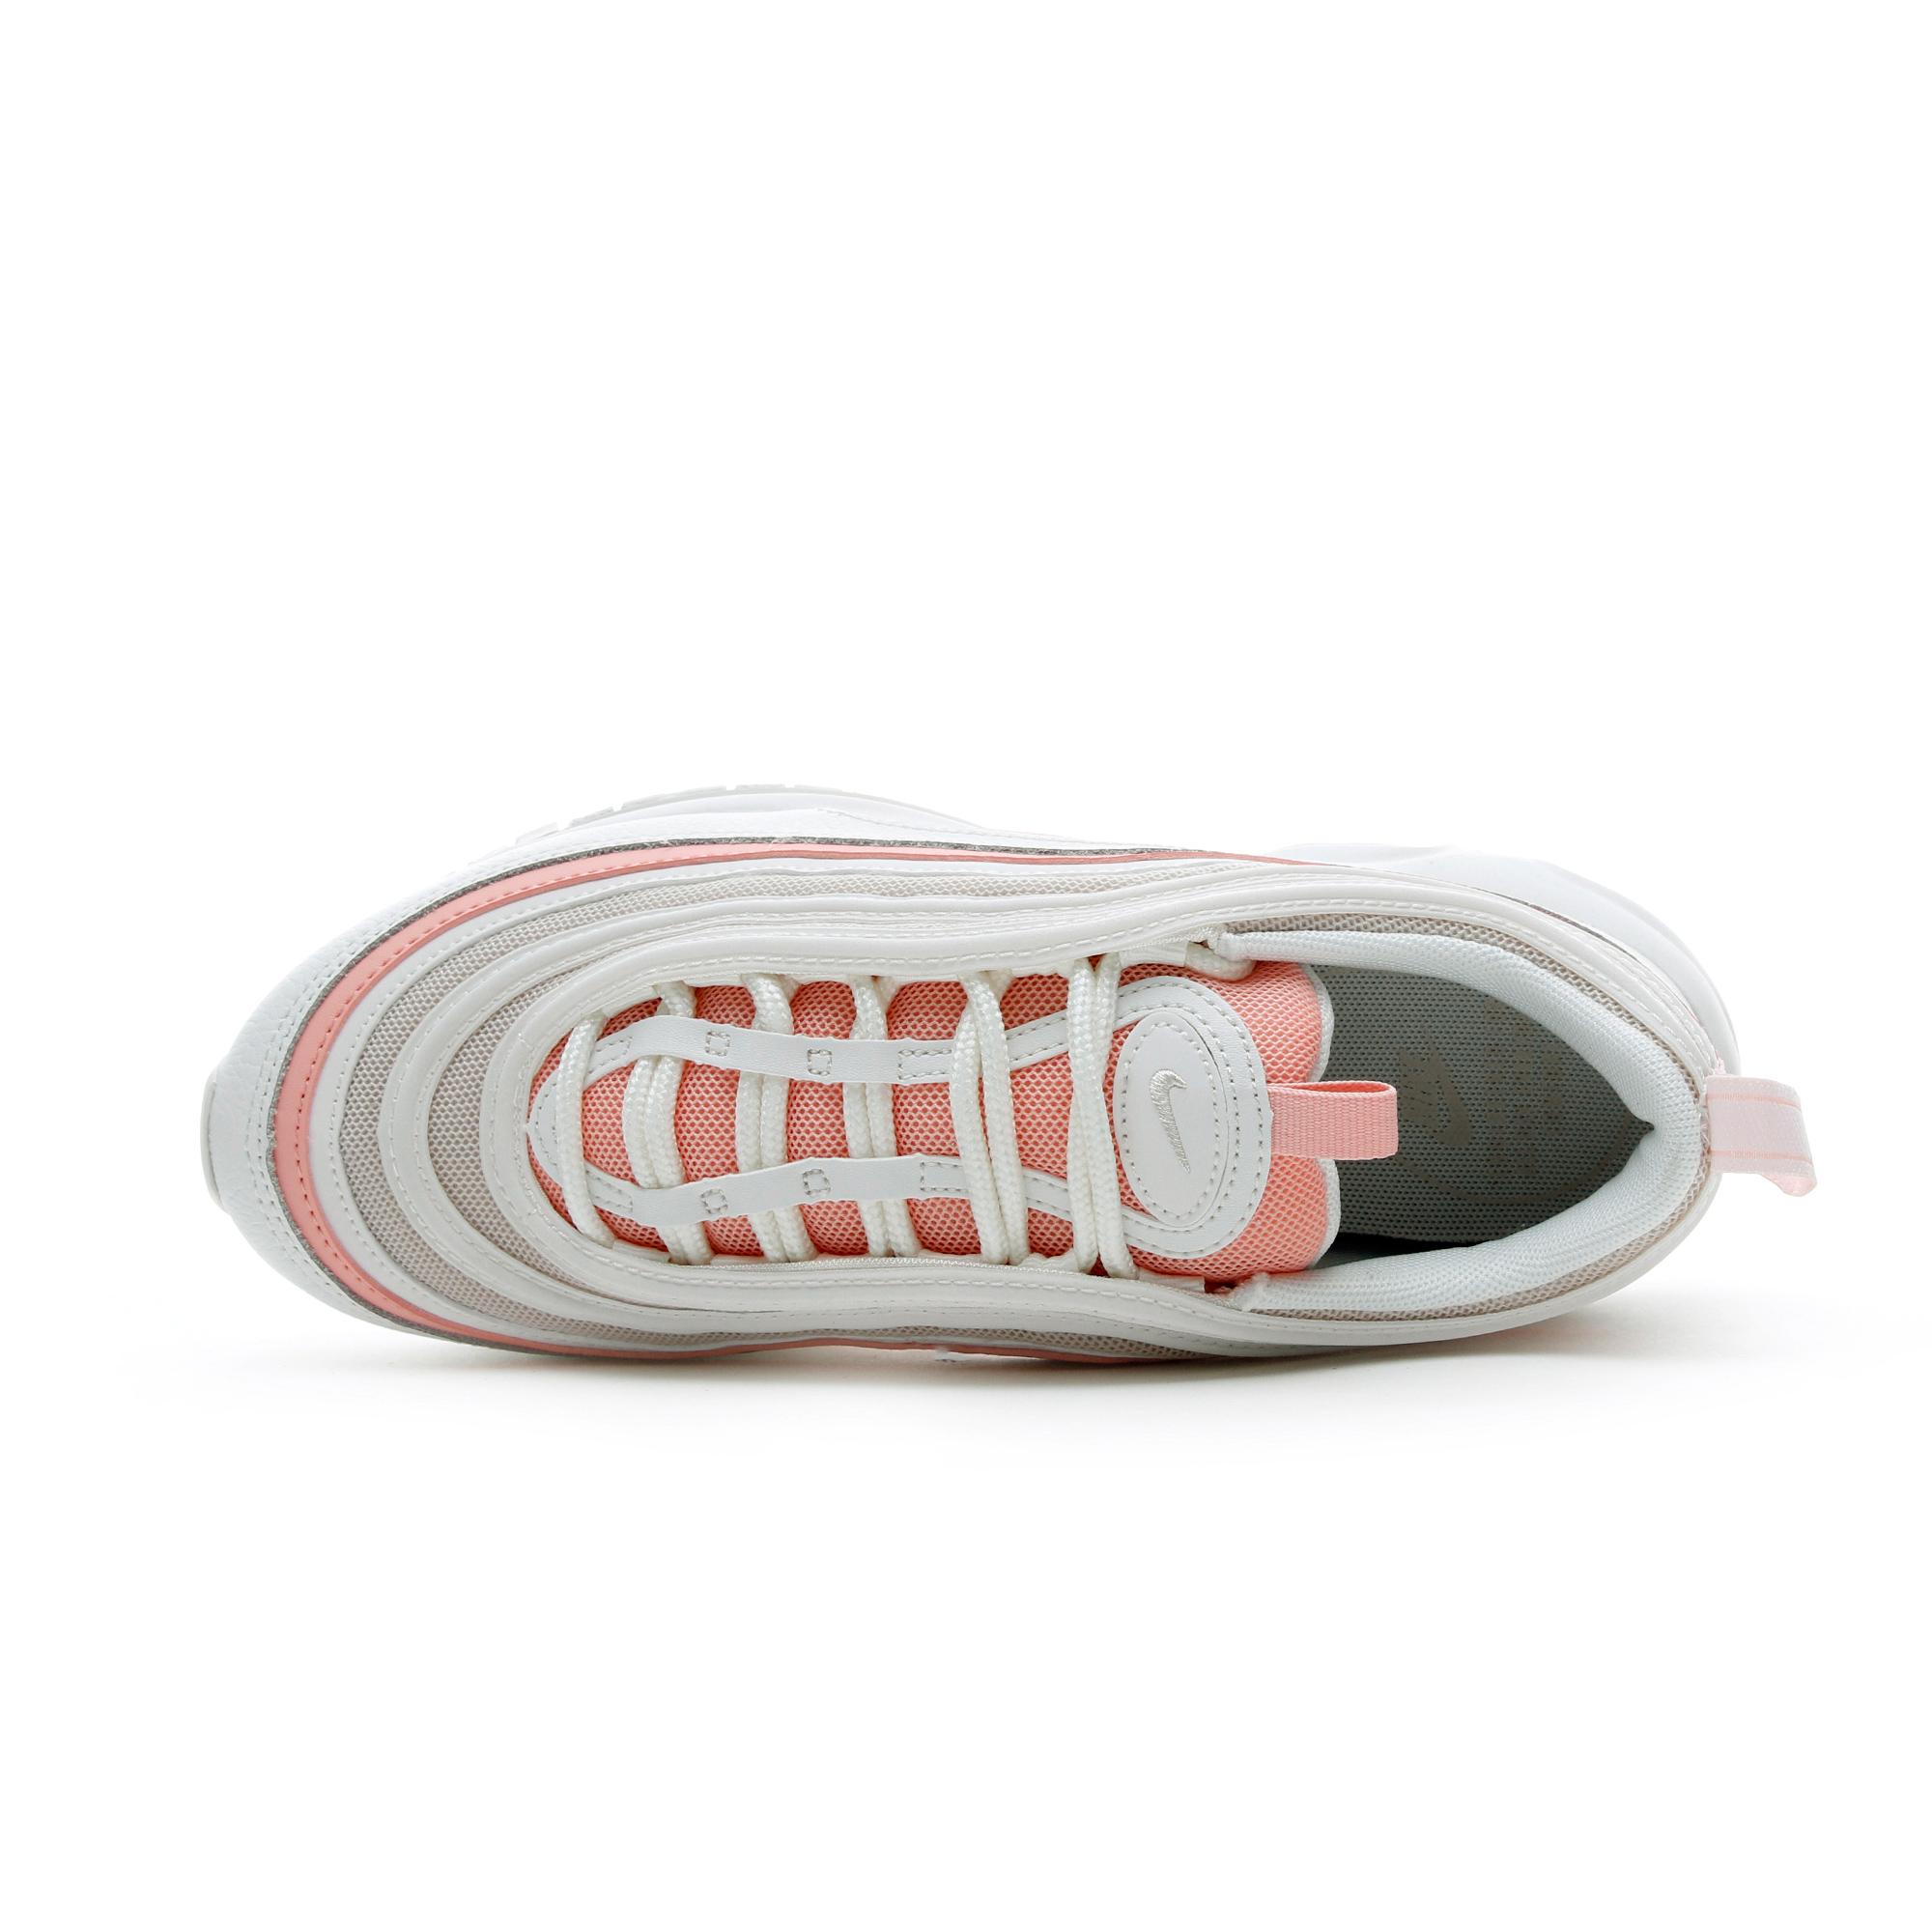 Nike Air Max 97 Beyaz - Pembe Kadın Spor Ayakkabı